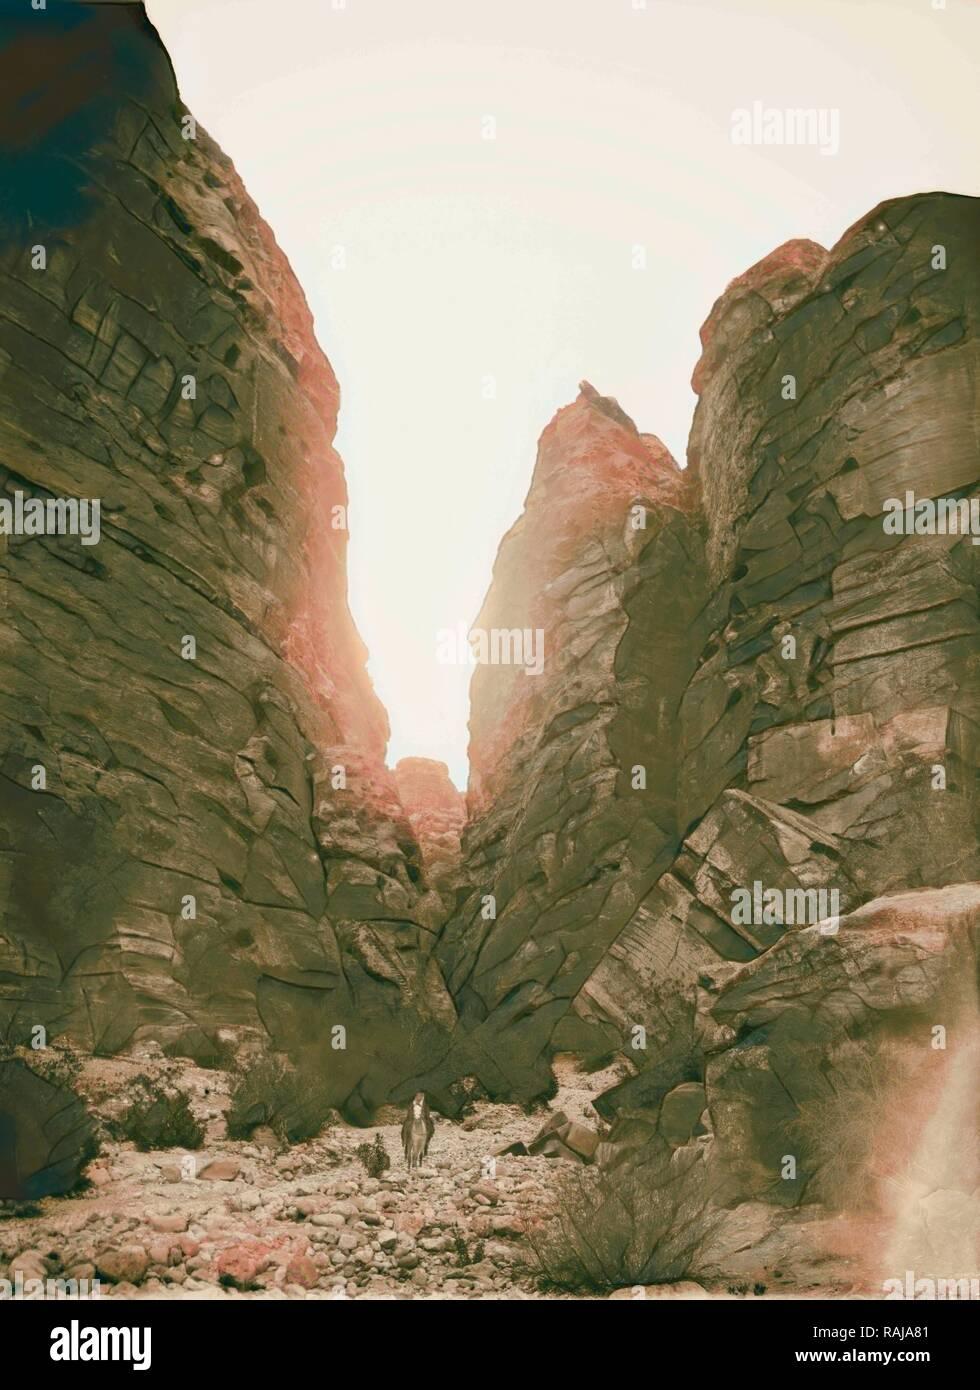 Petra. Entrée Ouest de Es-Sik. 1898, Jordanie, Petra (éteint). Repensé par Gibon. L'art classique avec un style moderne repensé Photo Stock